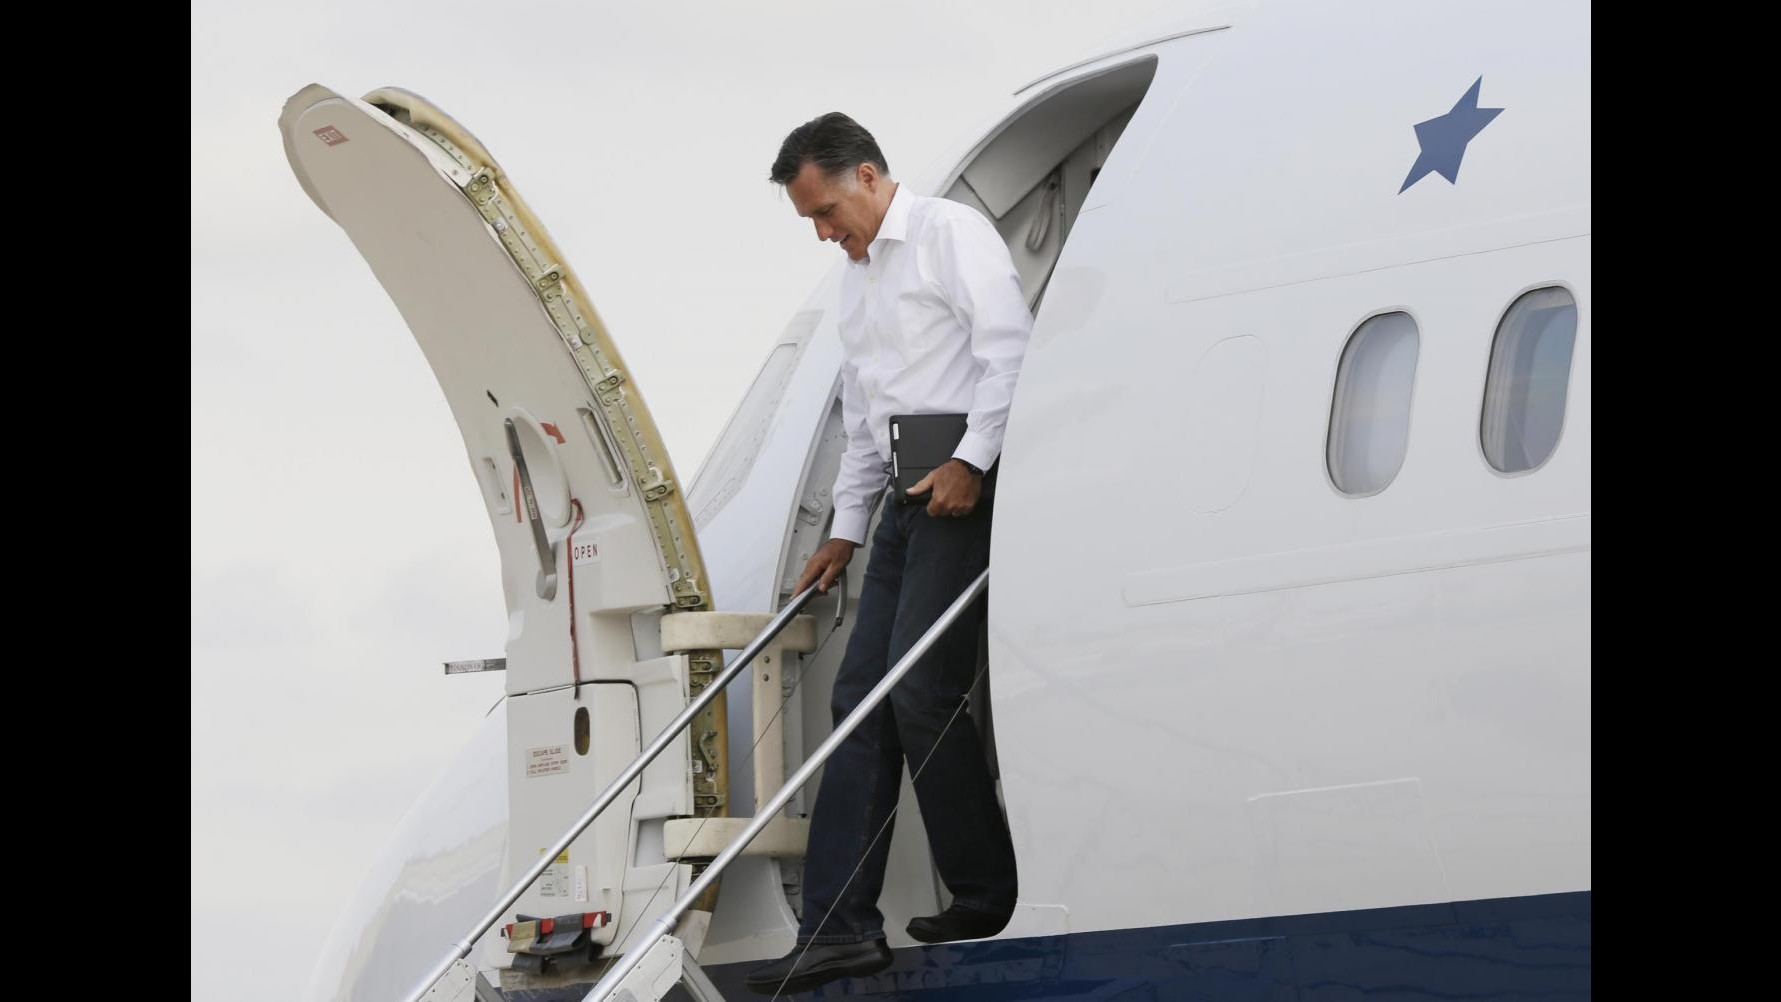 Usa 2012, gaffe di Romney: Perchè finestrini aerei non si aprono?